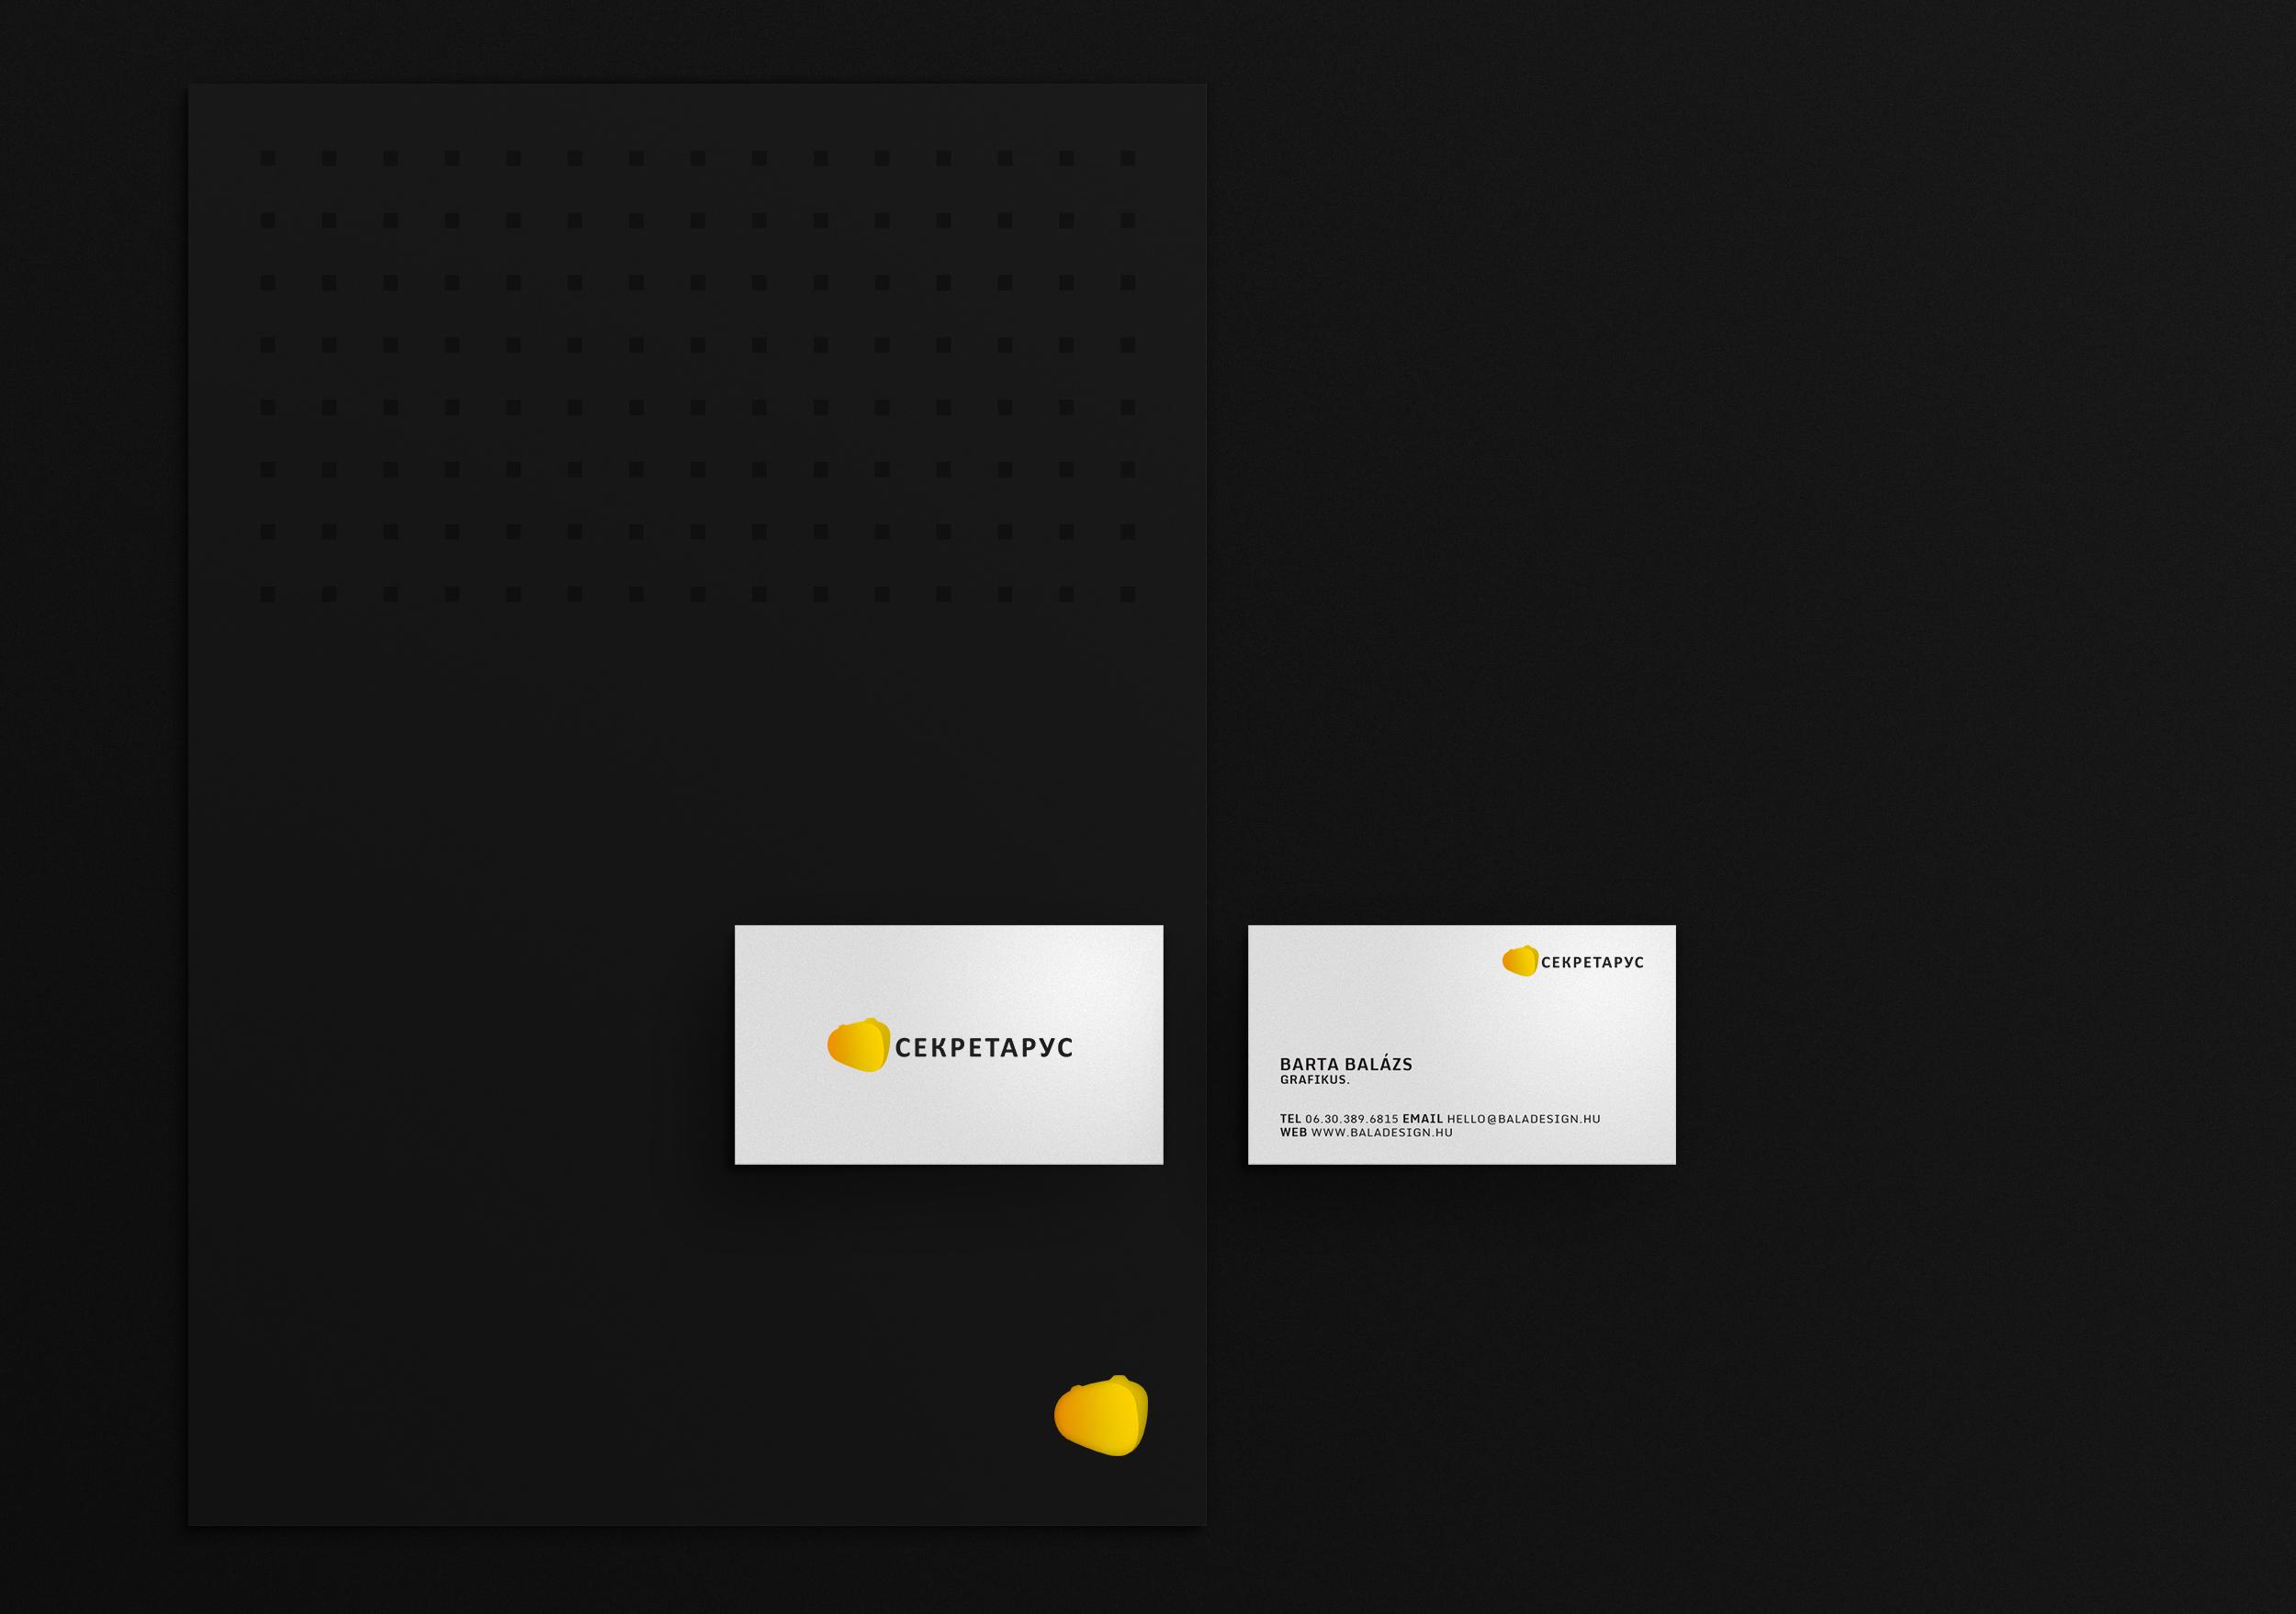 Разработка логотипа и фирменного стиля для сайта фото f_8355a459e26b6b02.jpg